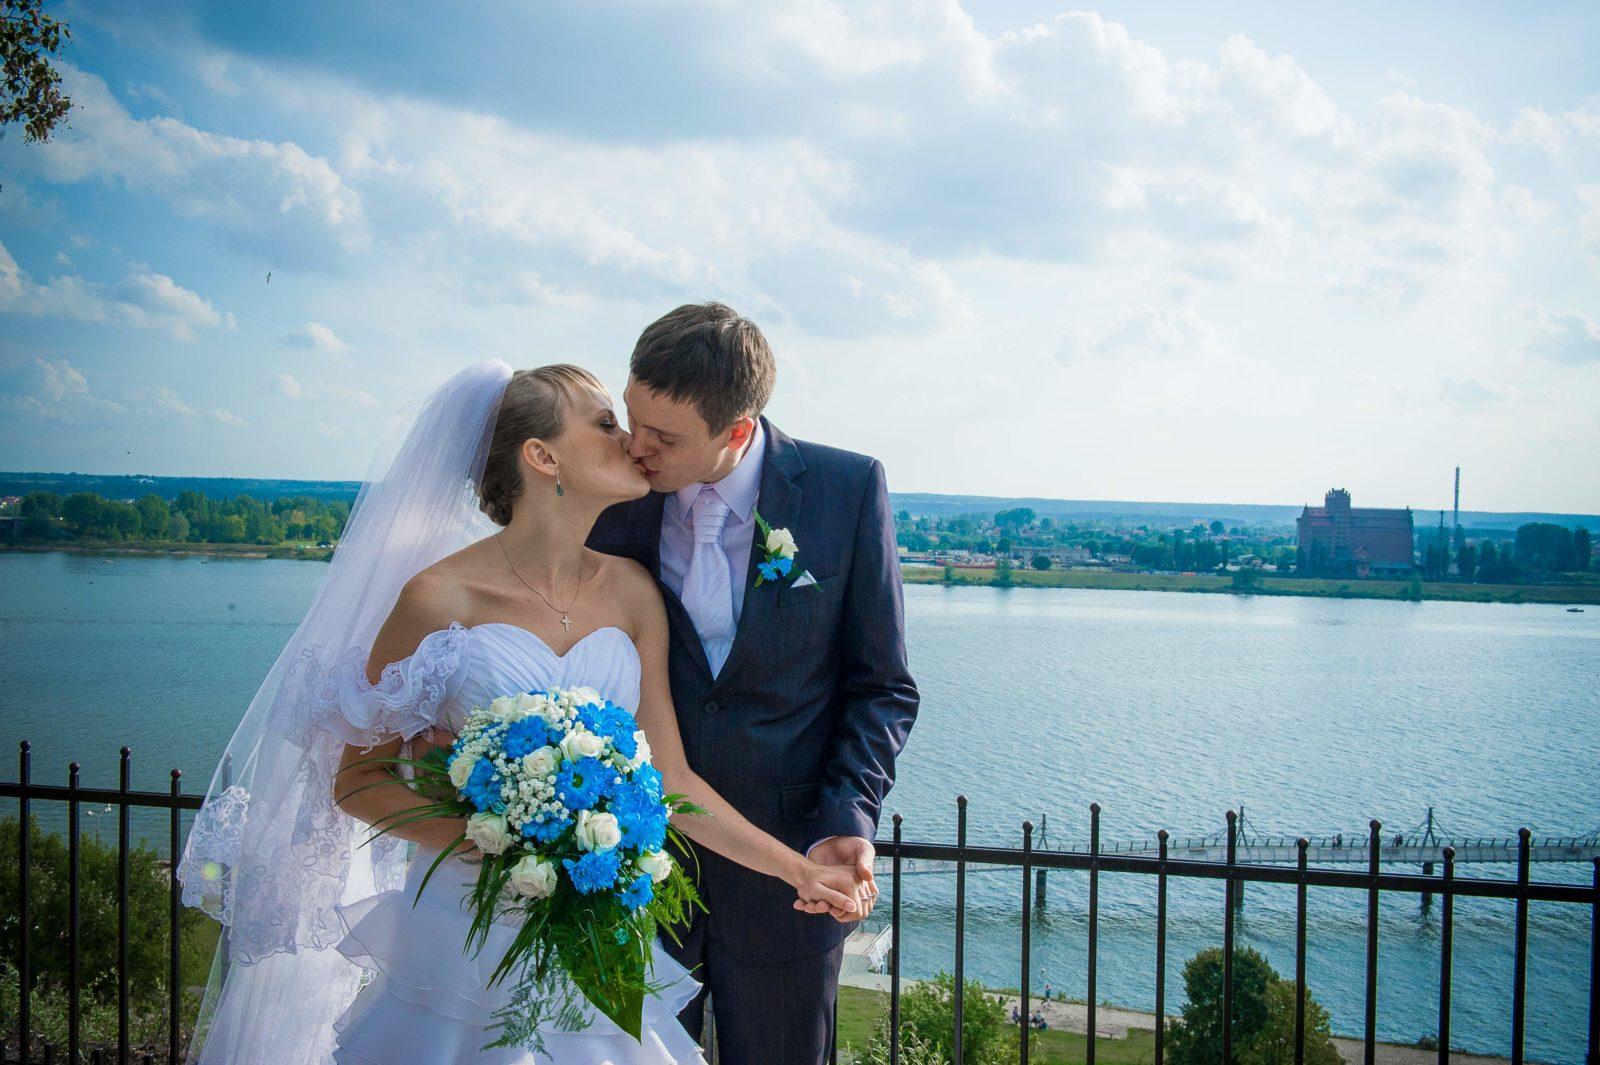 DSC 6001 - Анна i Zbigniew-zdjęcia ślubne Włocławek